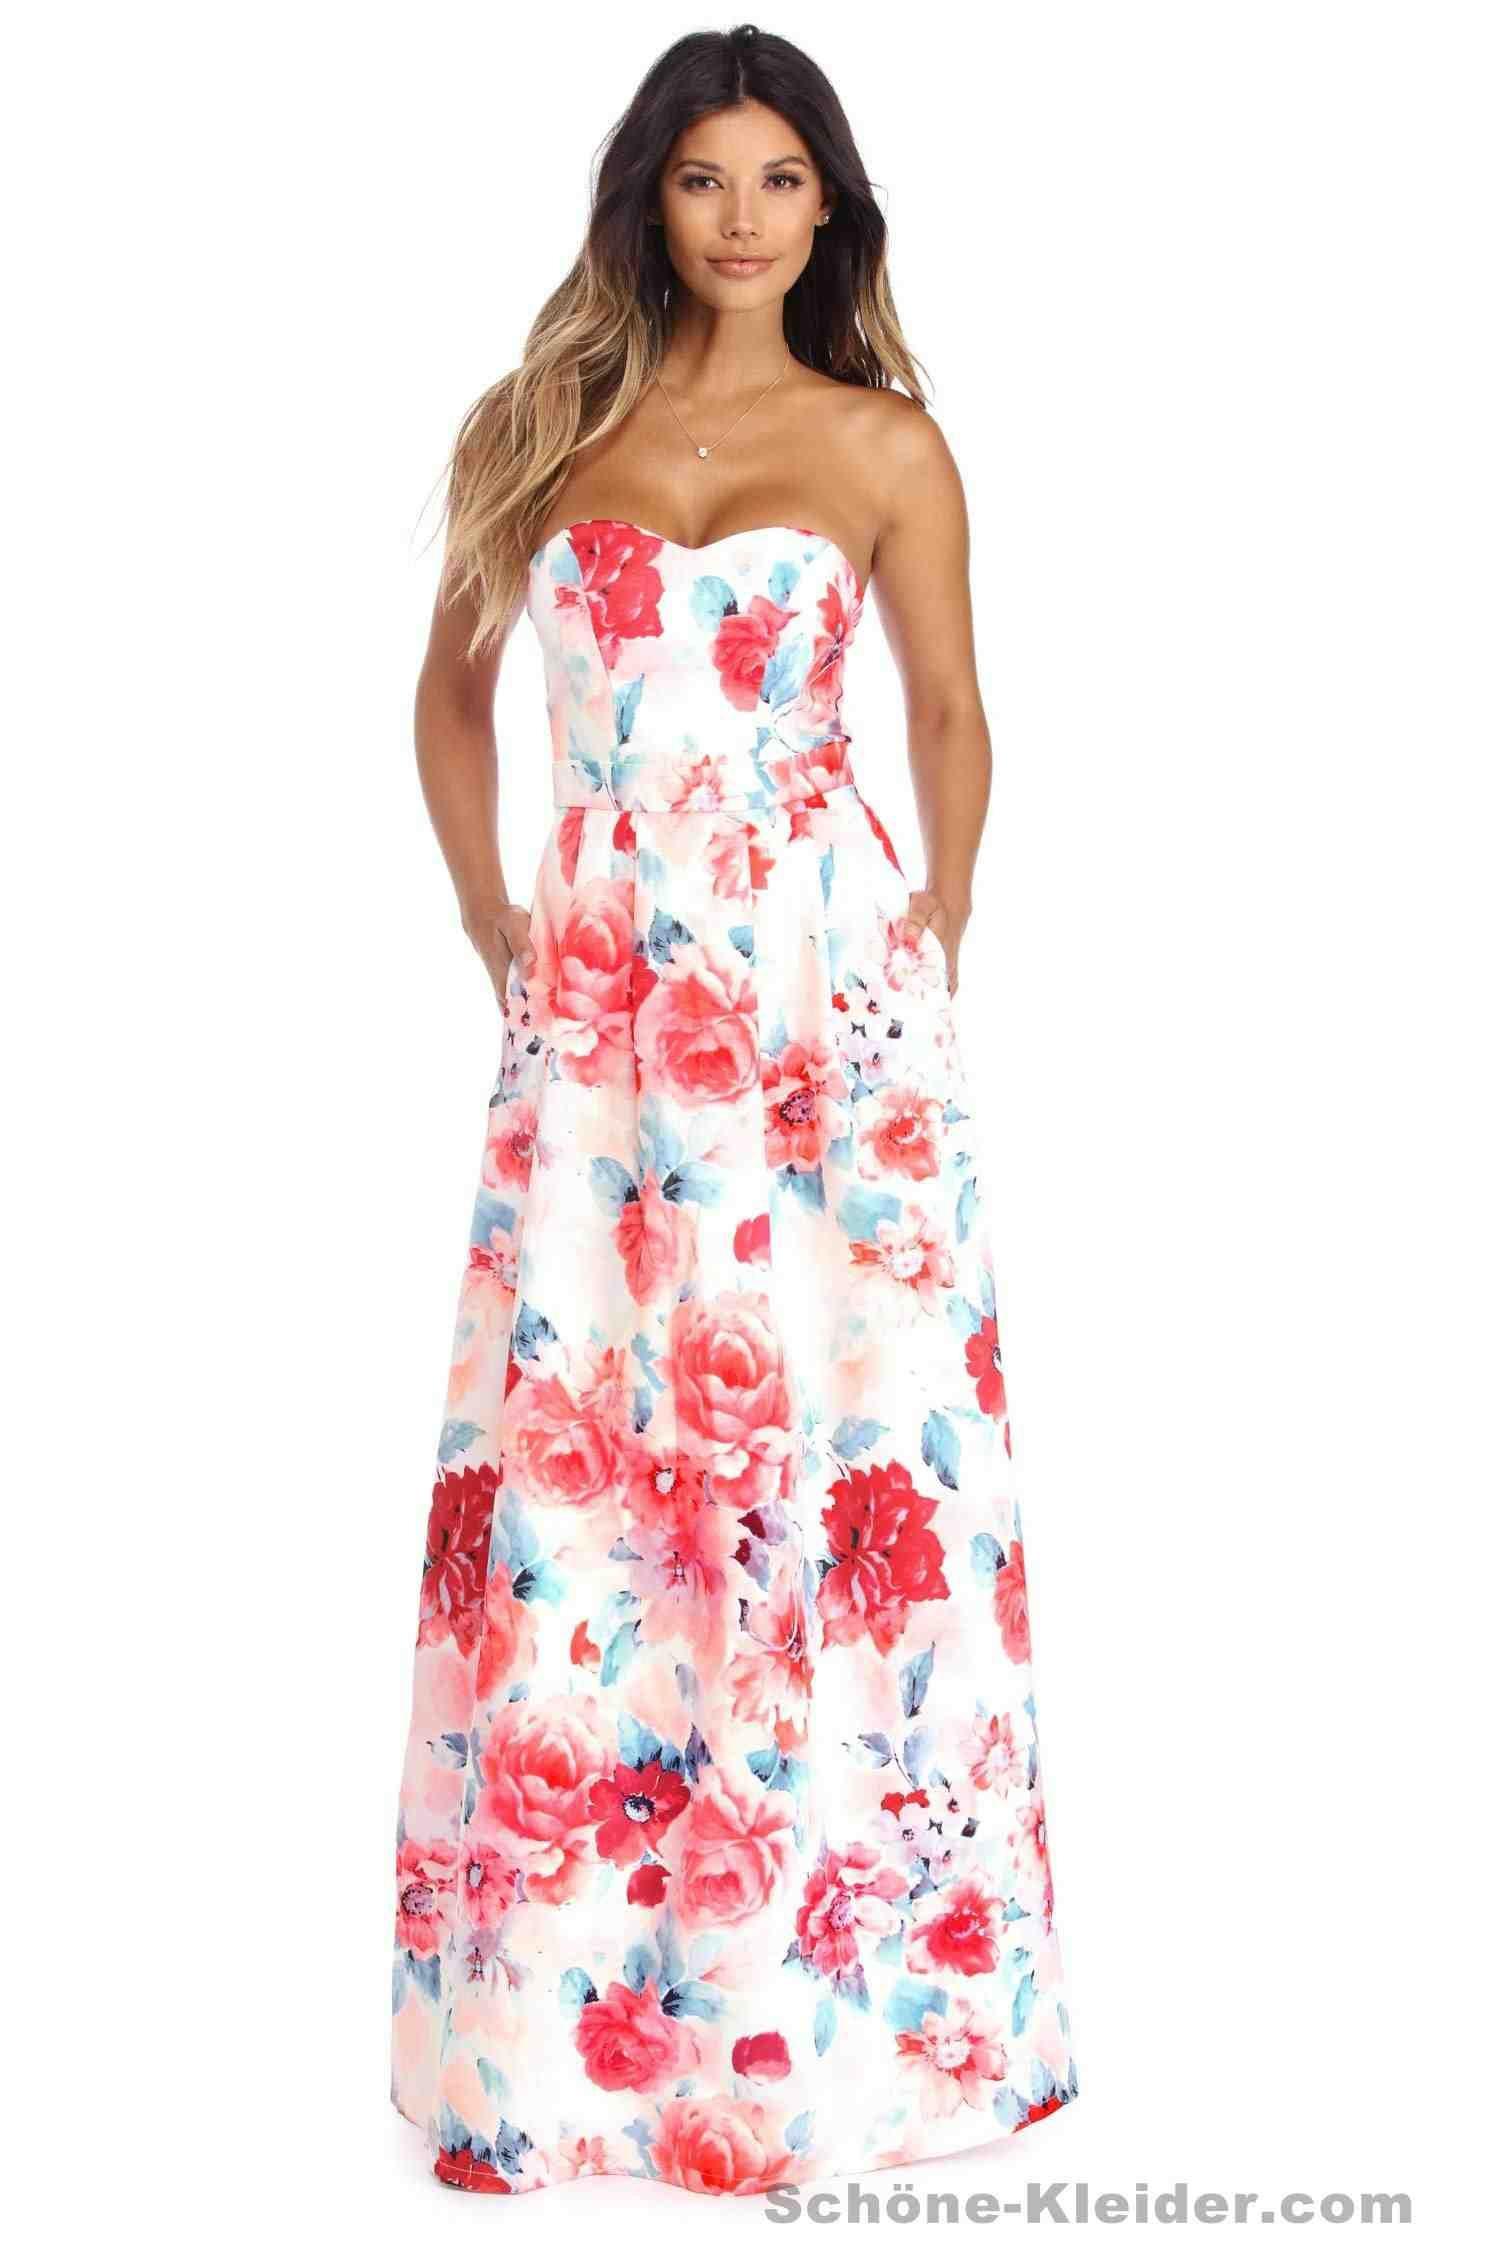 17 Ausgezeichnet Lange Schicke Kleider Design10 Spektakulär Lange Schicke Kleider Vertrieb